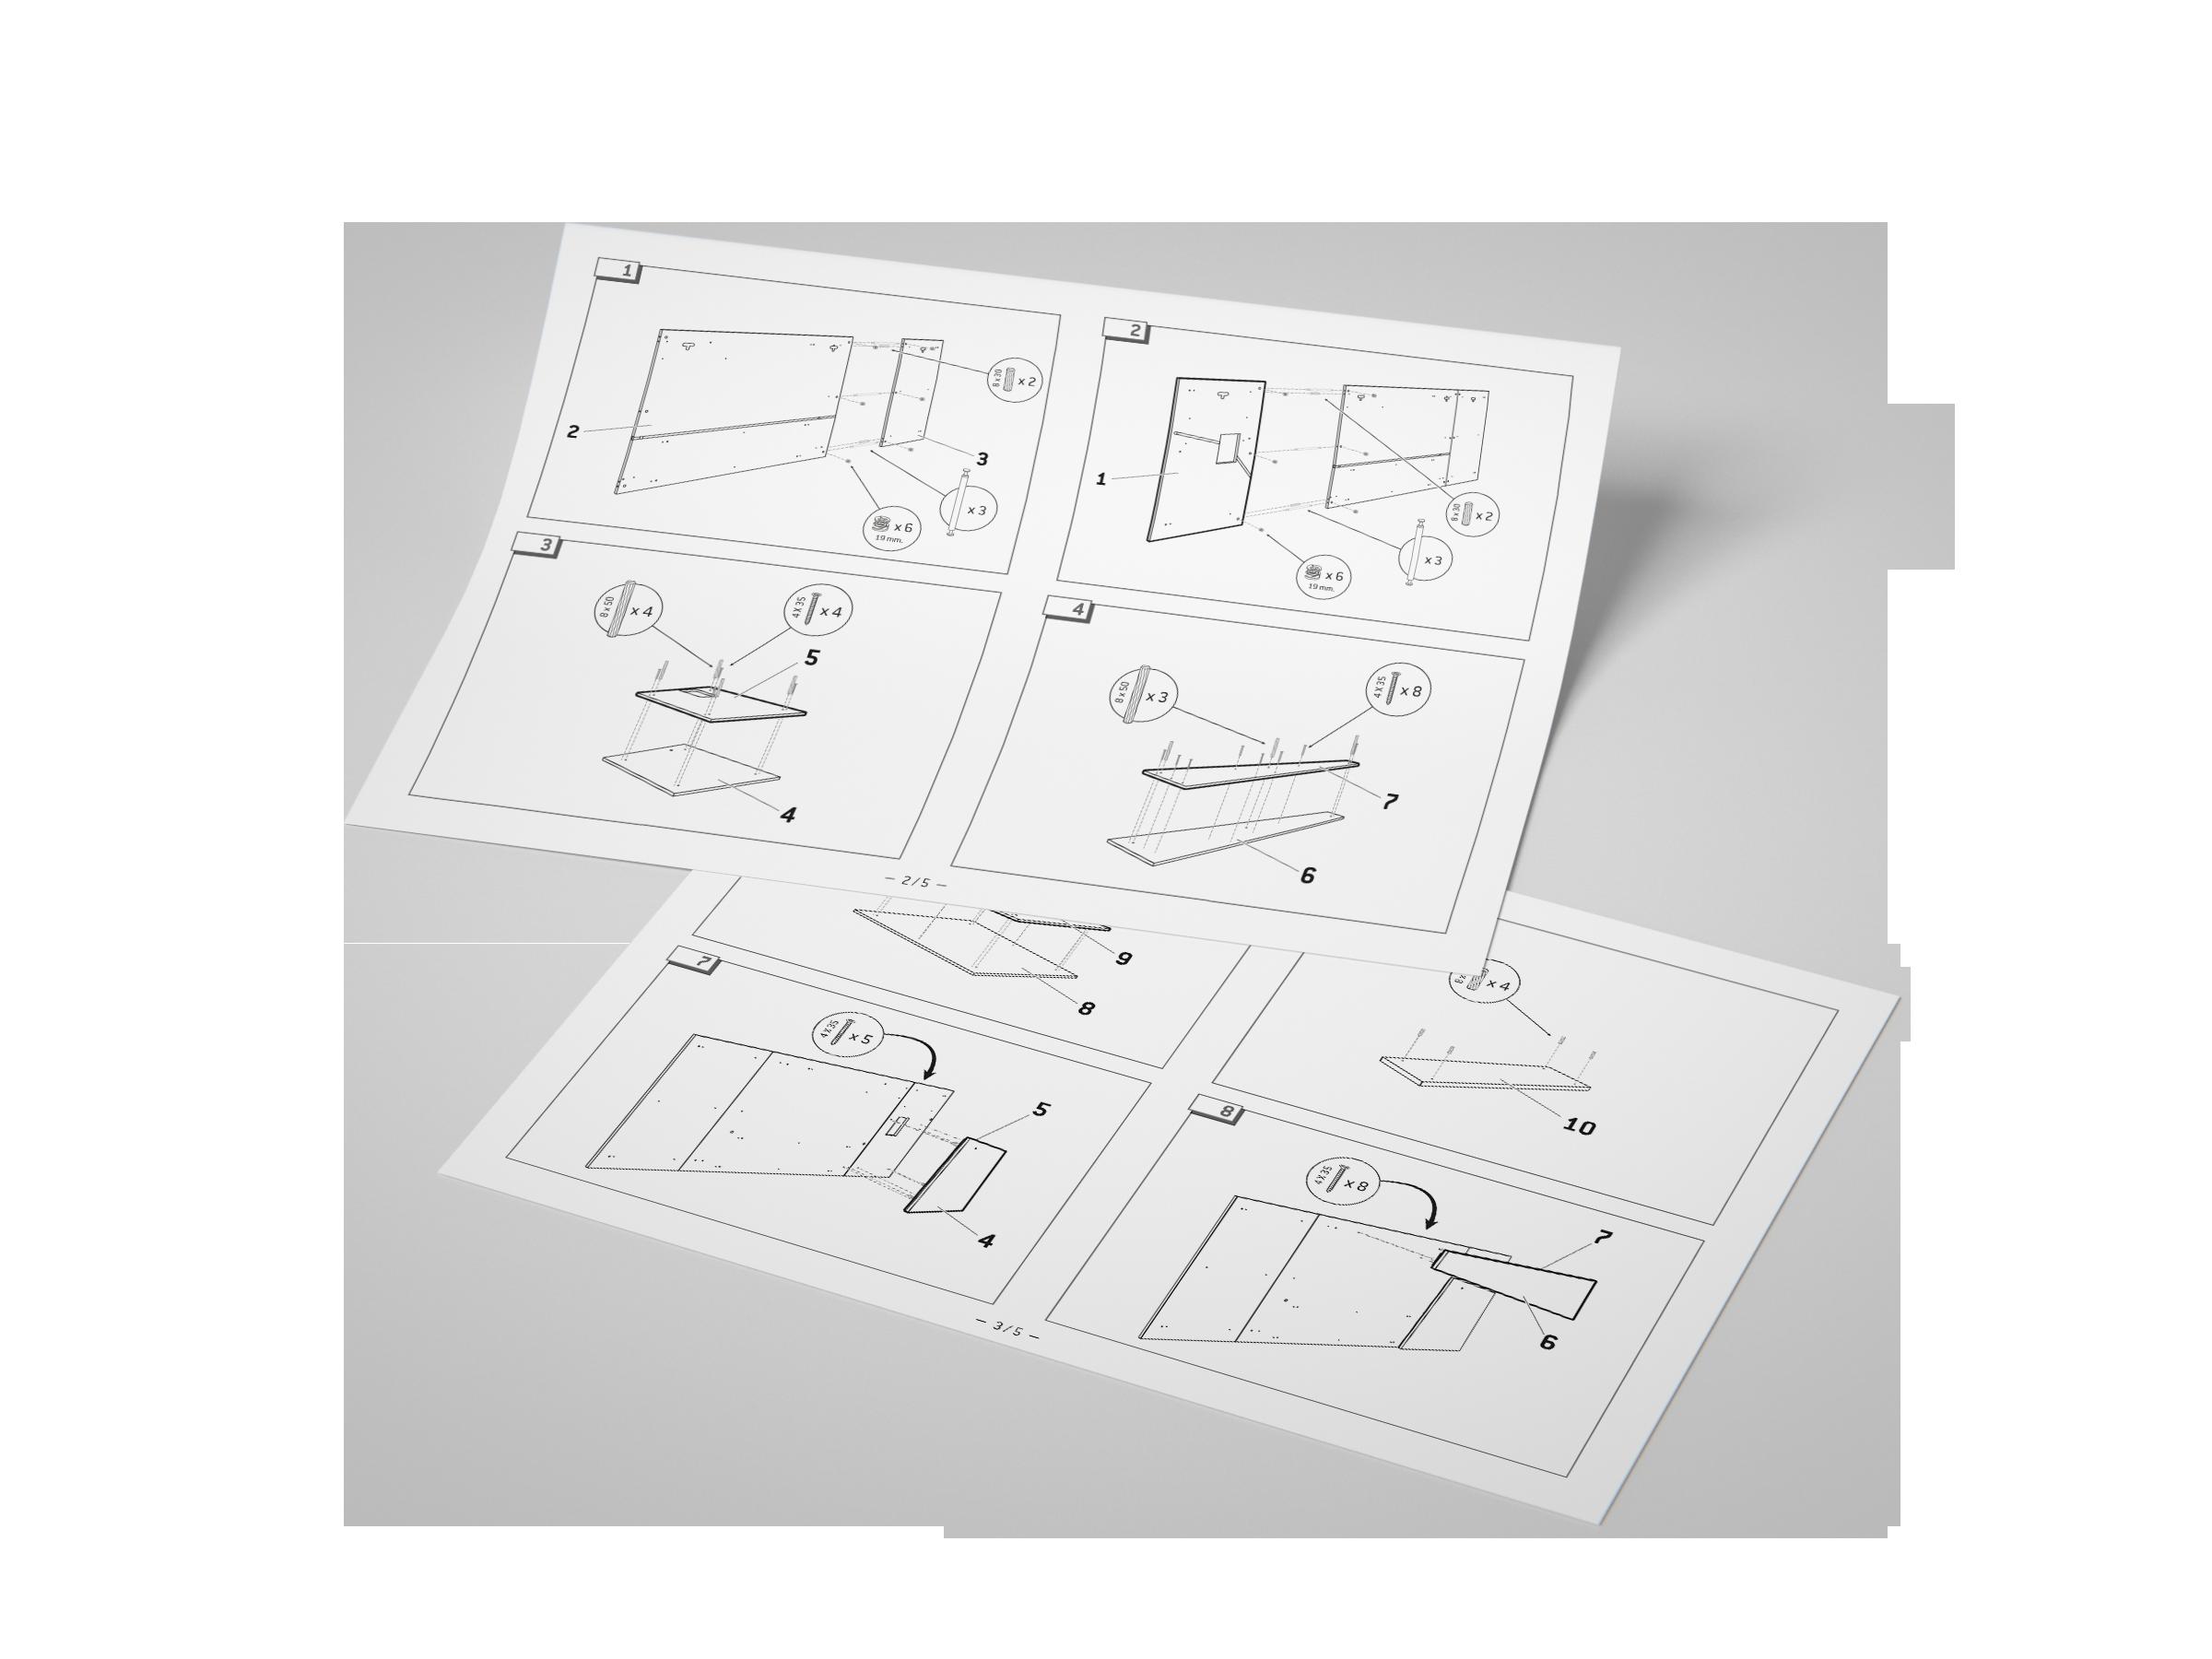 Grafico_Plano de montaje